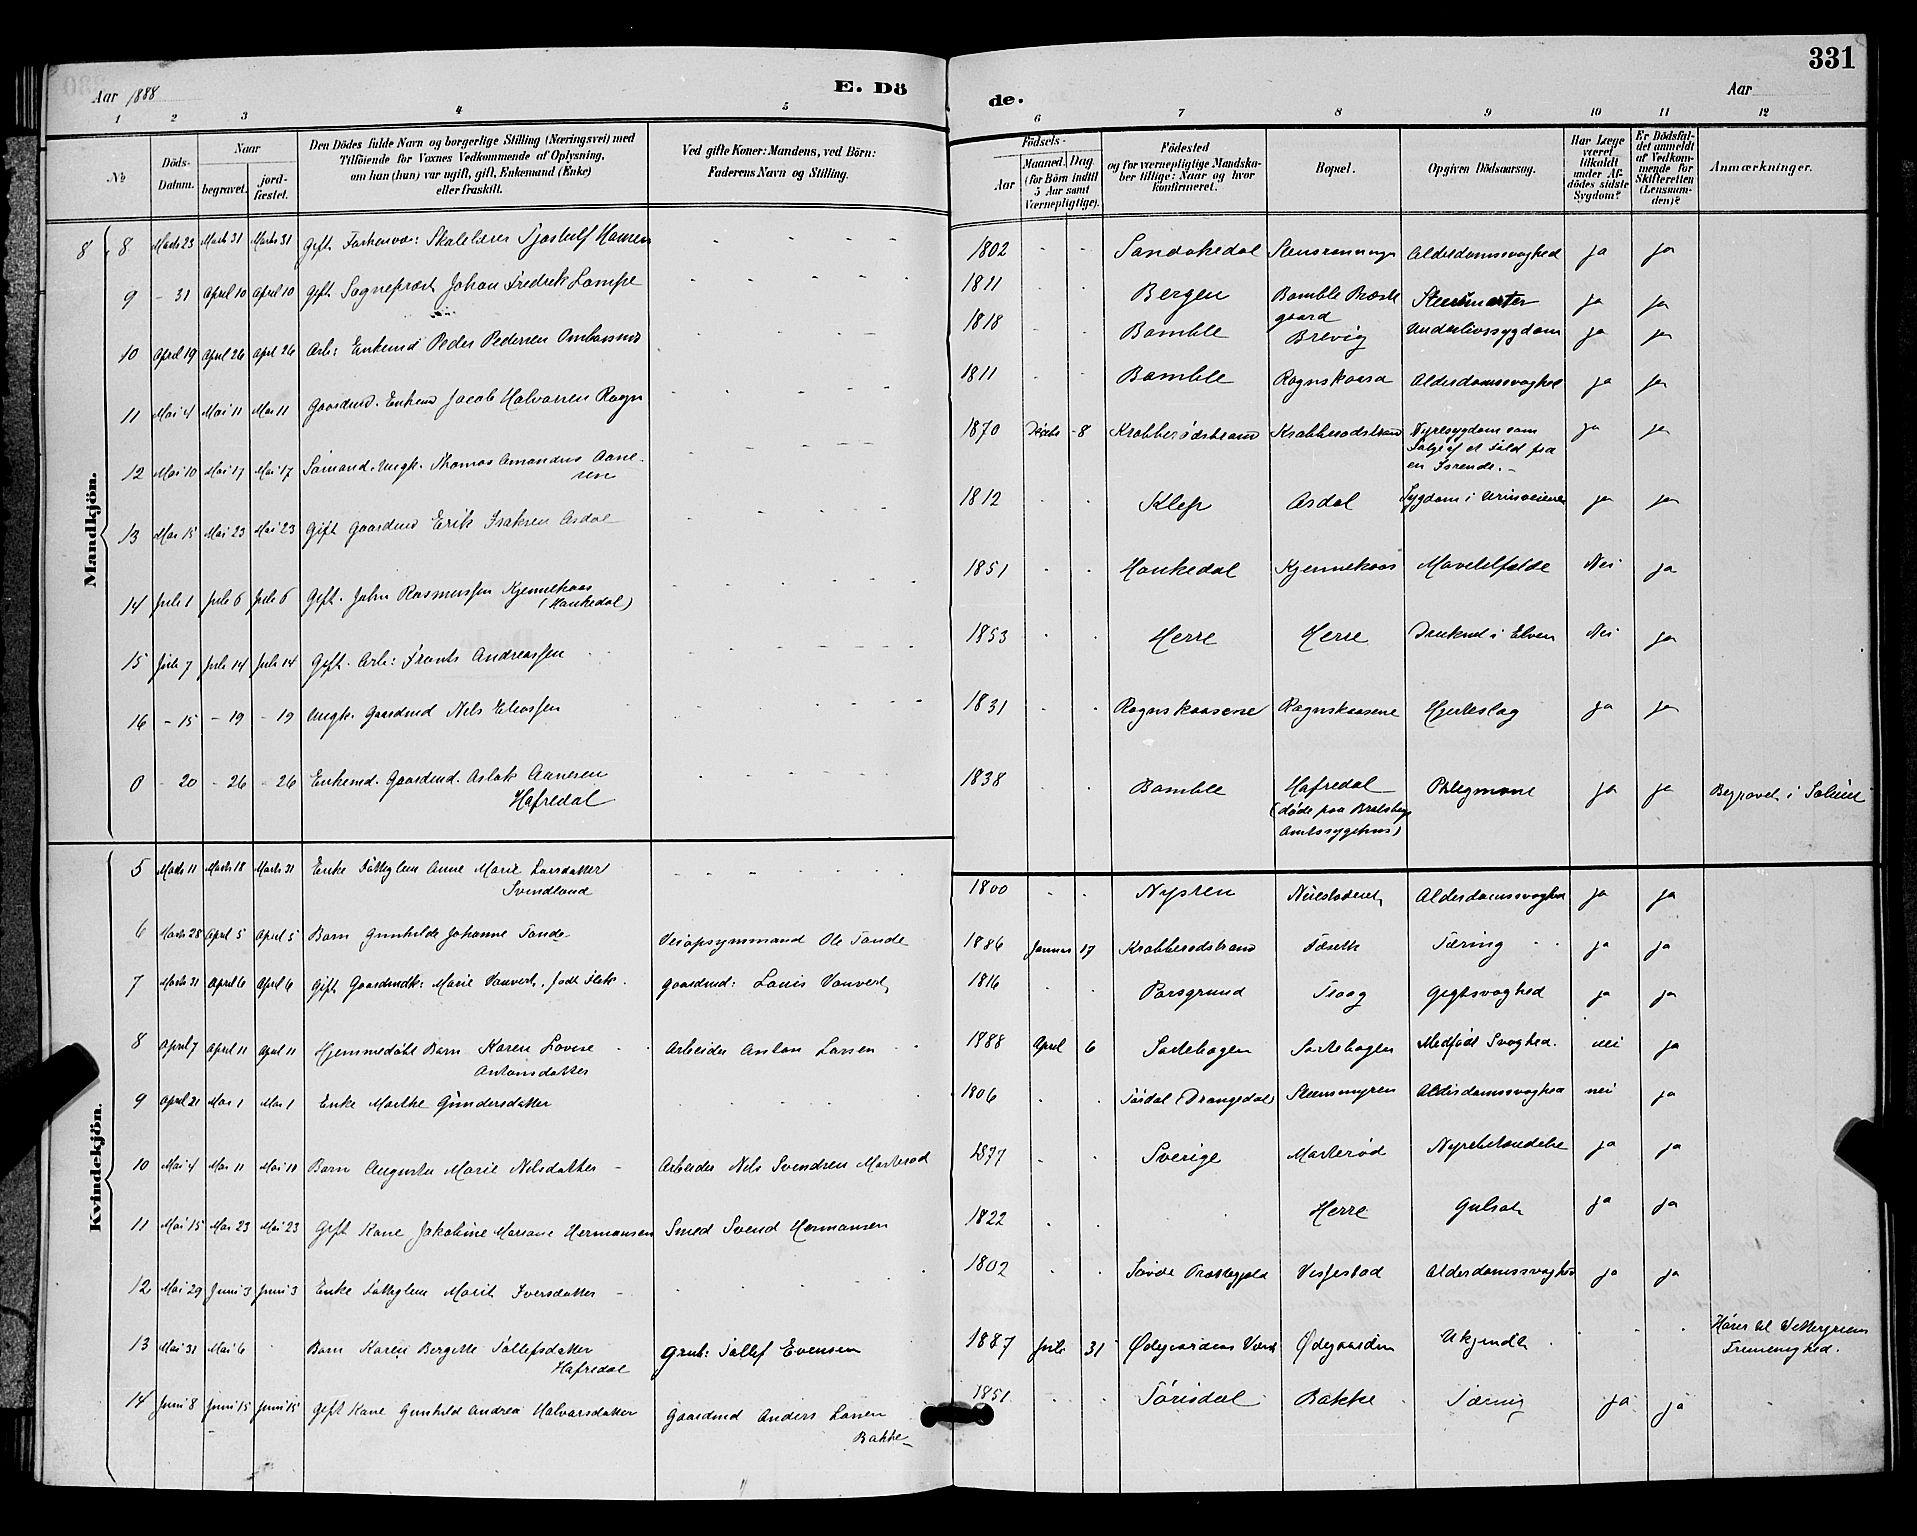 SAKO, Bamble kirkebøker, G/Ga/L0009: Klokkerbok nr. I 9, 1888-1900, s. 331